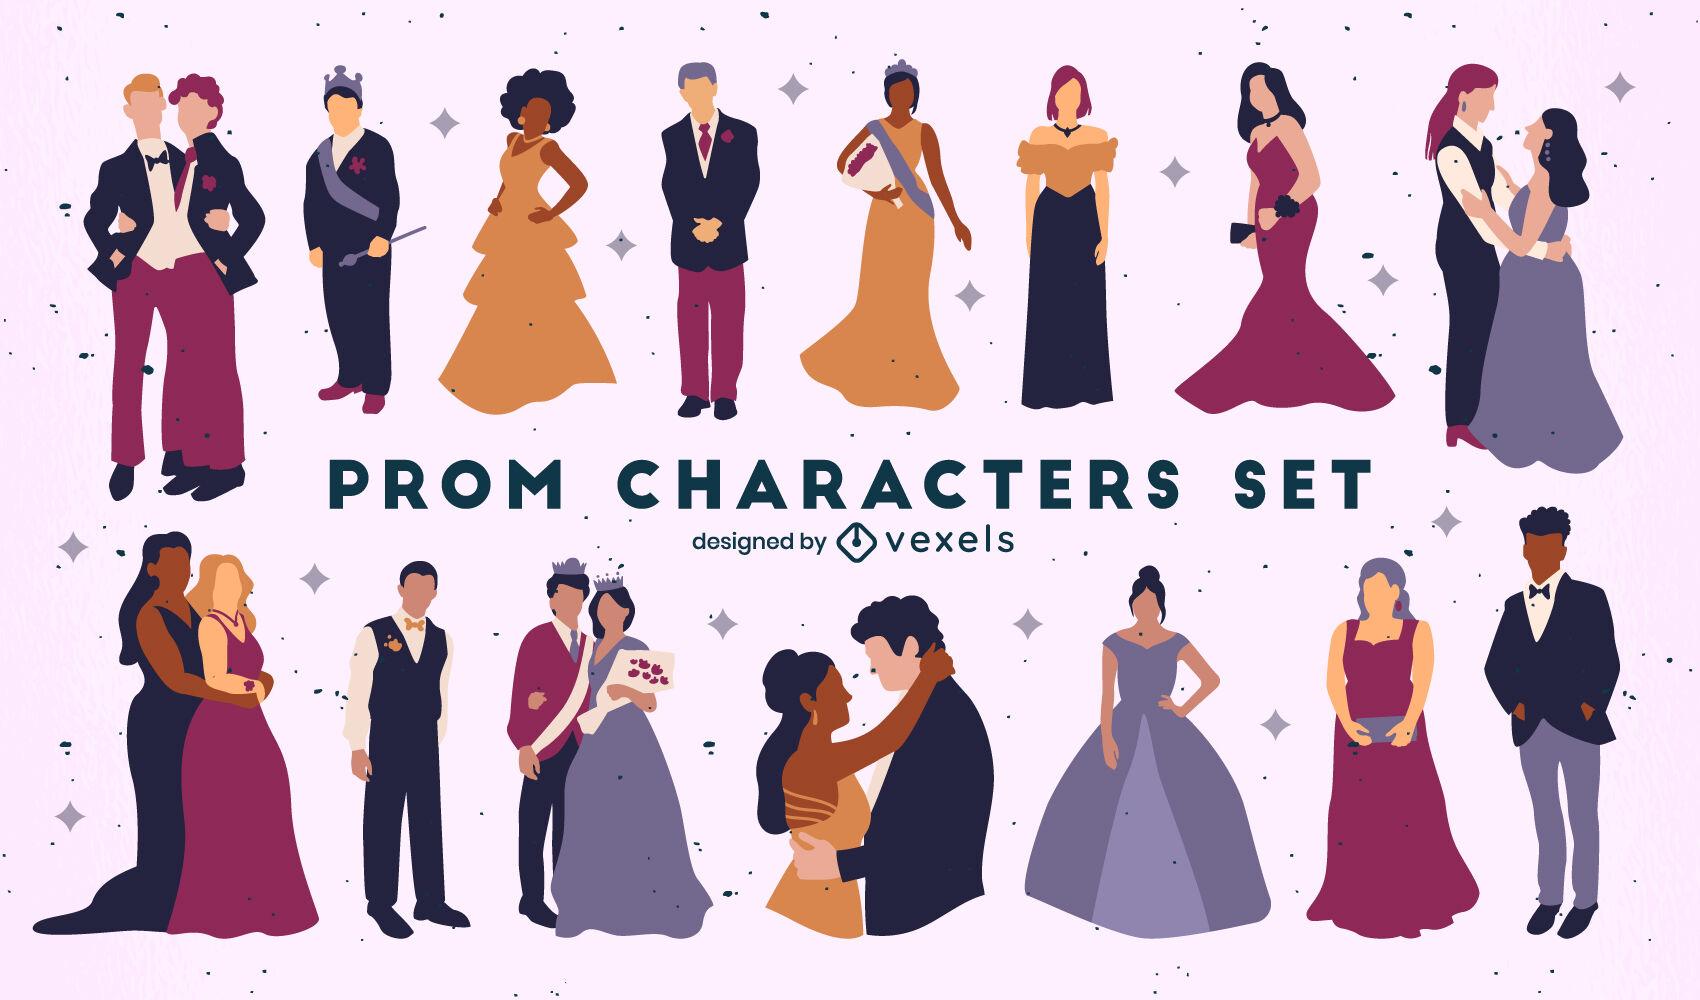 Formale Kleidung für Abschlussball-Party-Charaktere